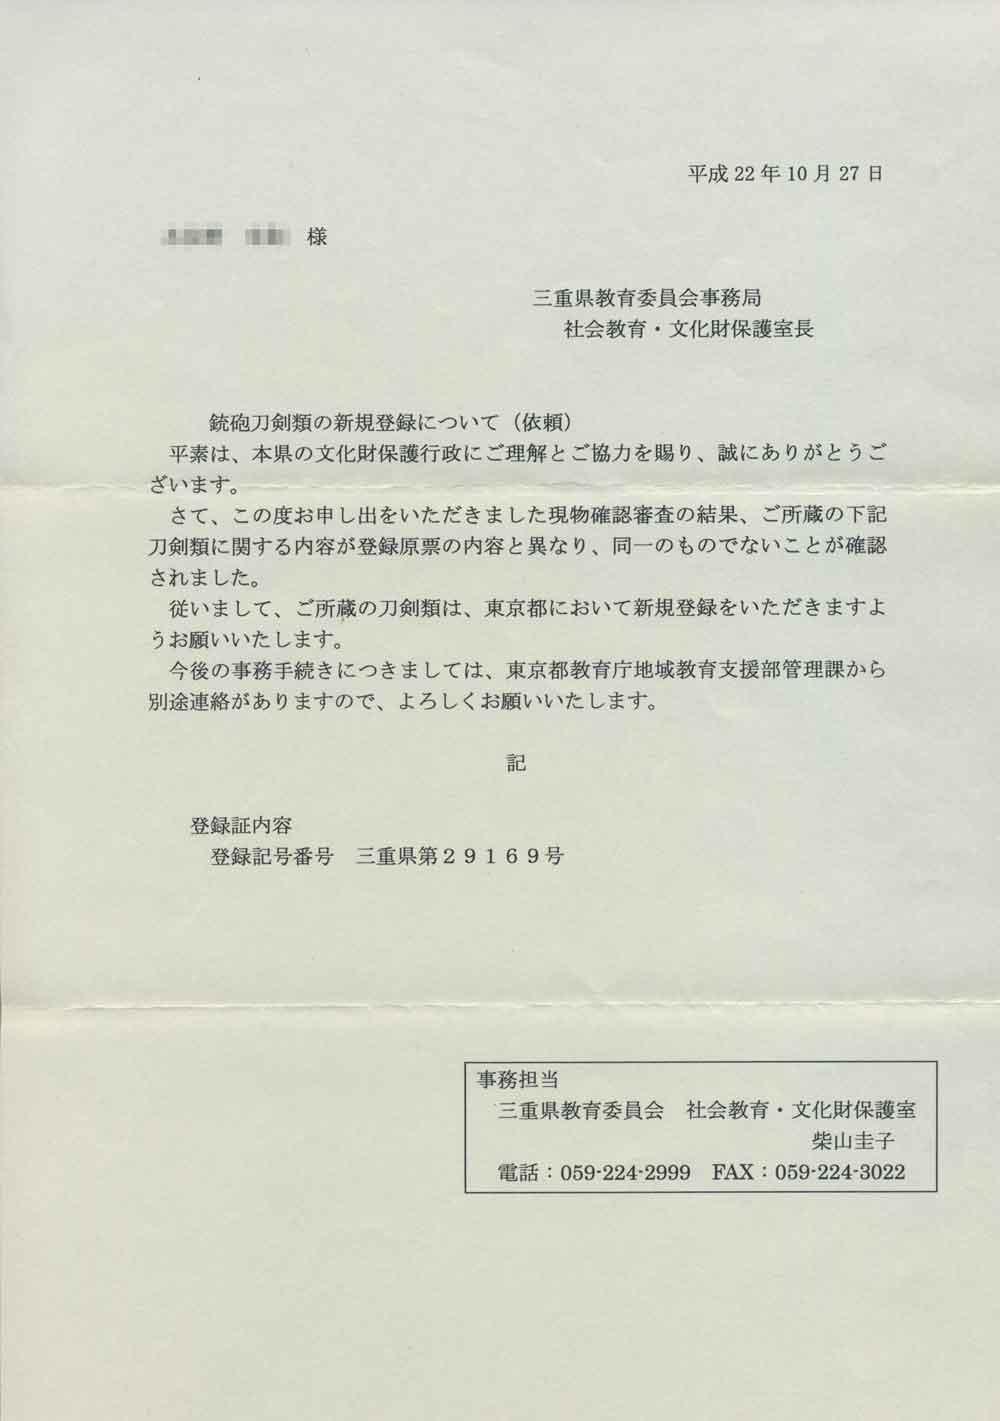 三重県から届いた通知